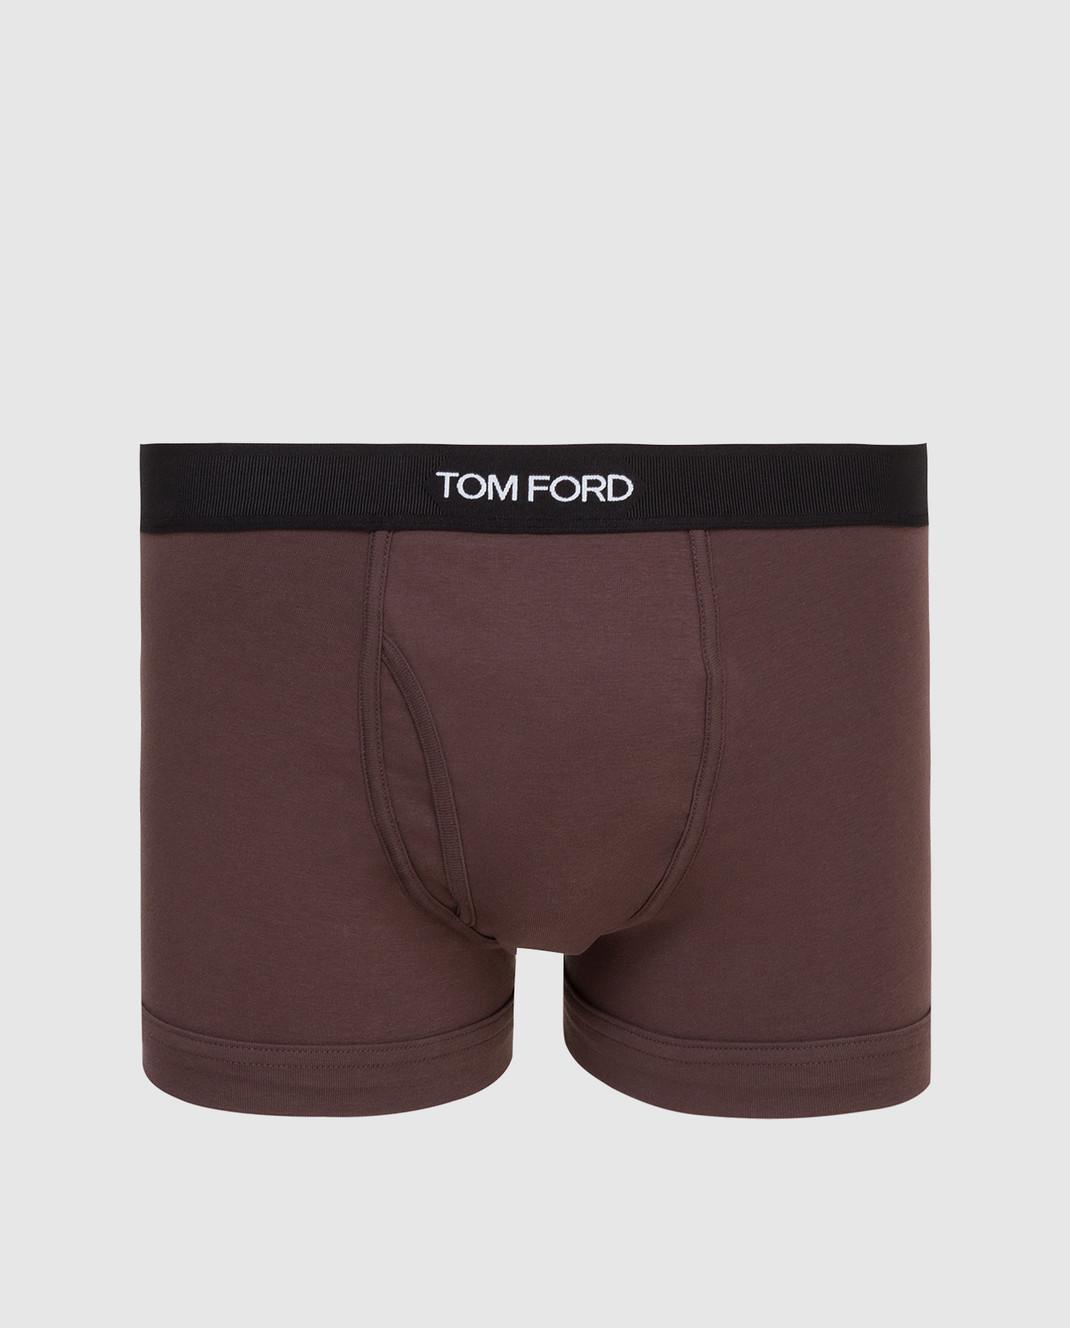 Tom Ford Коричневые трусы изображение 1